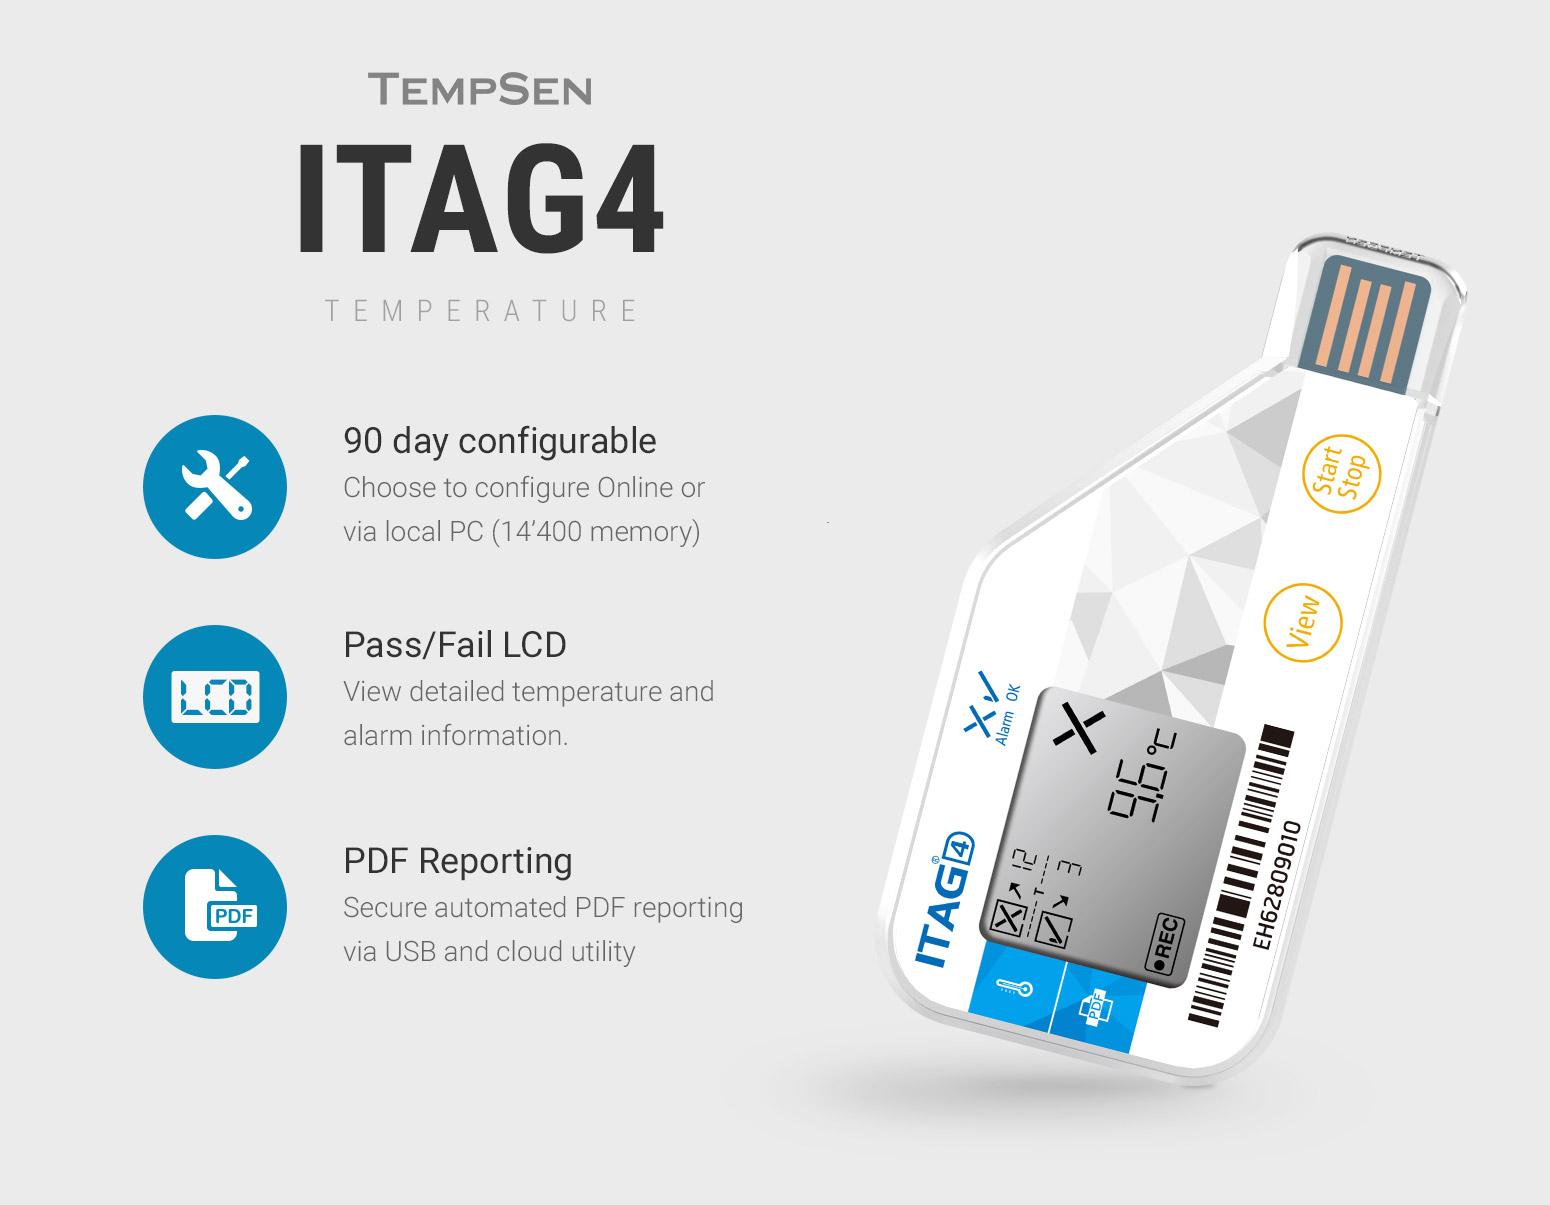 tempsen-itag4-temperature-data-logger